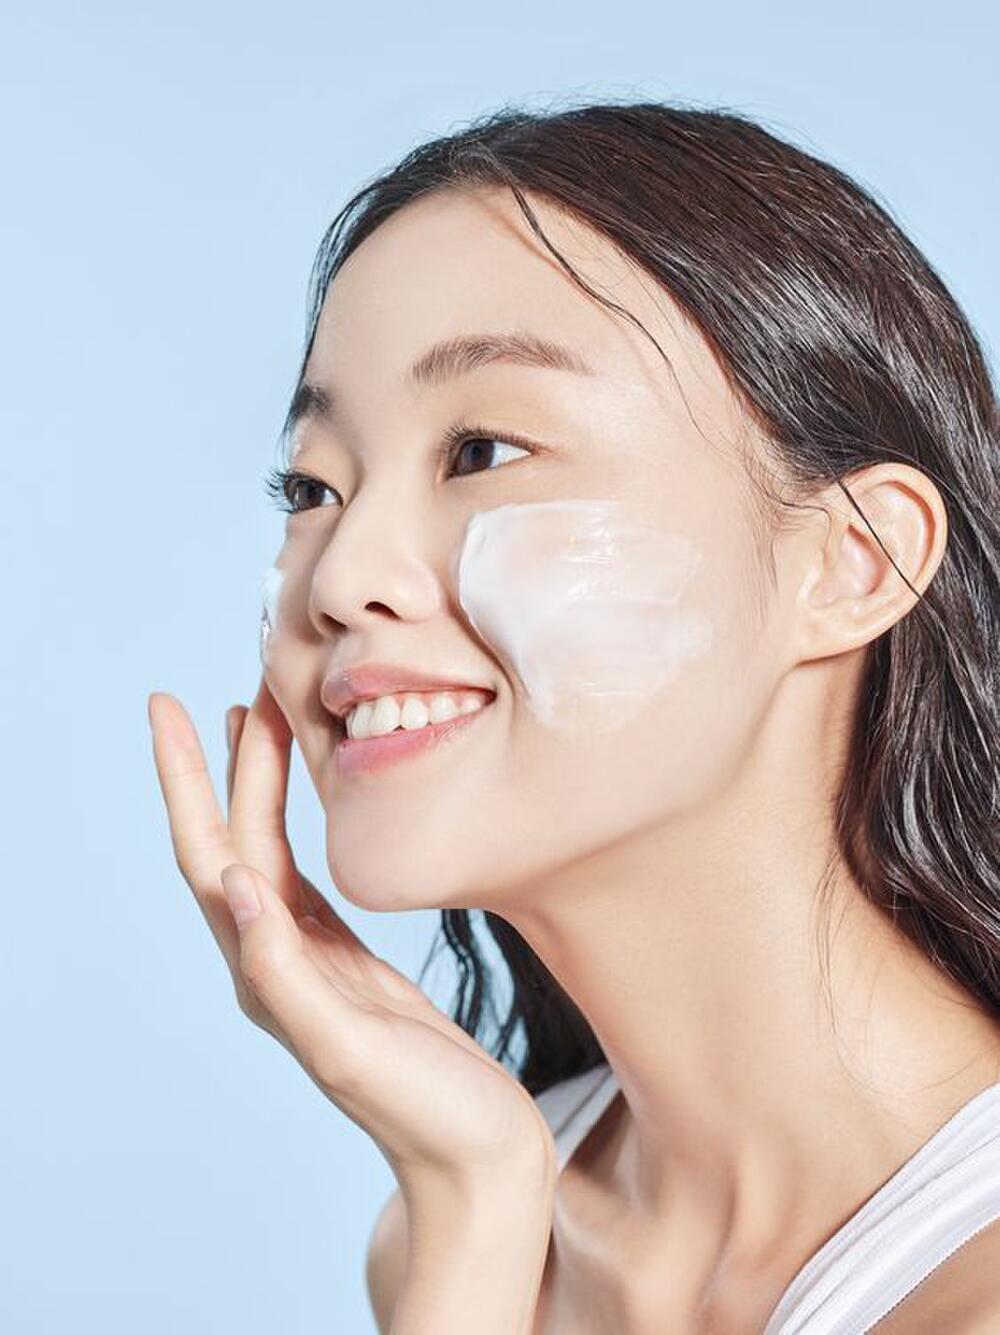 Bí quyết rửa mặt 10 phút để có làn da không tuổi của người Nhật Ảnh 3